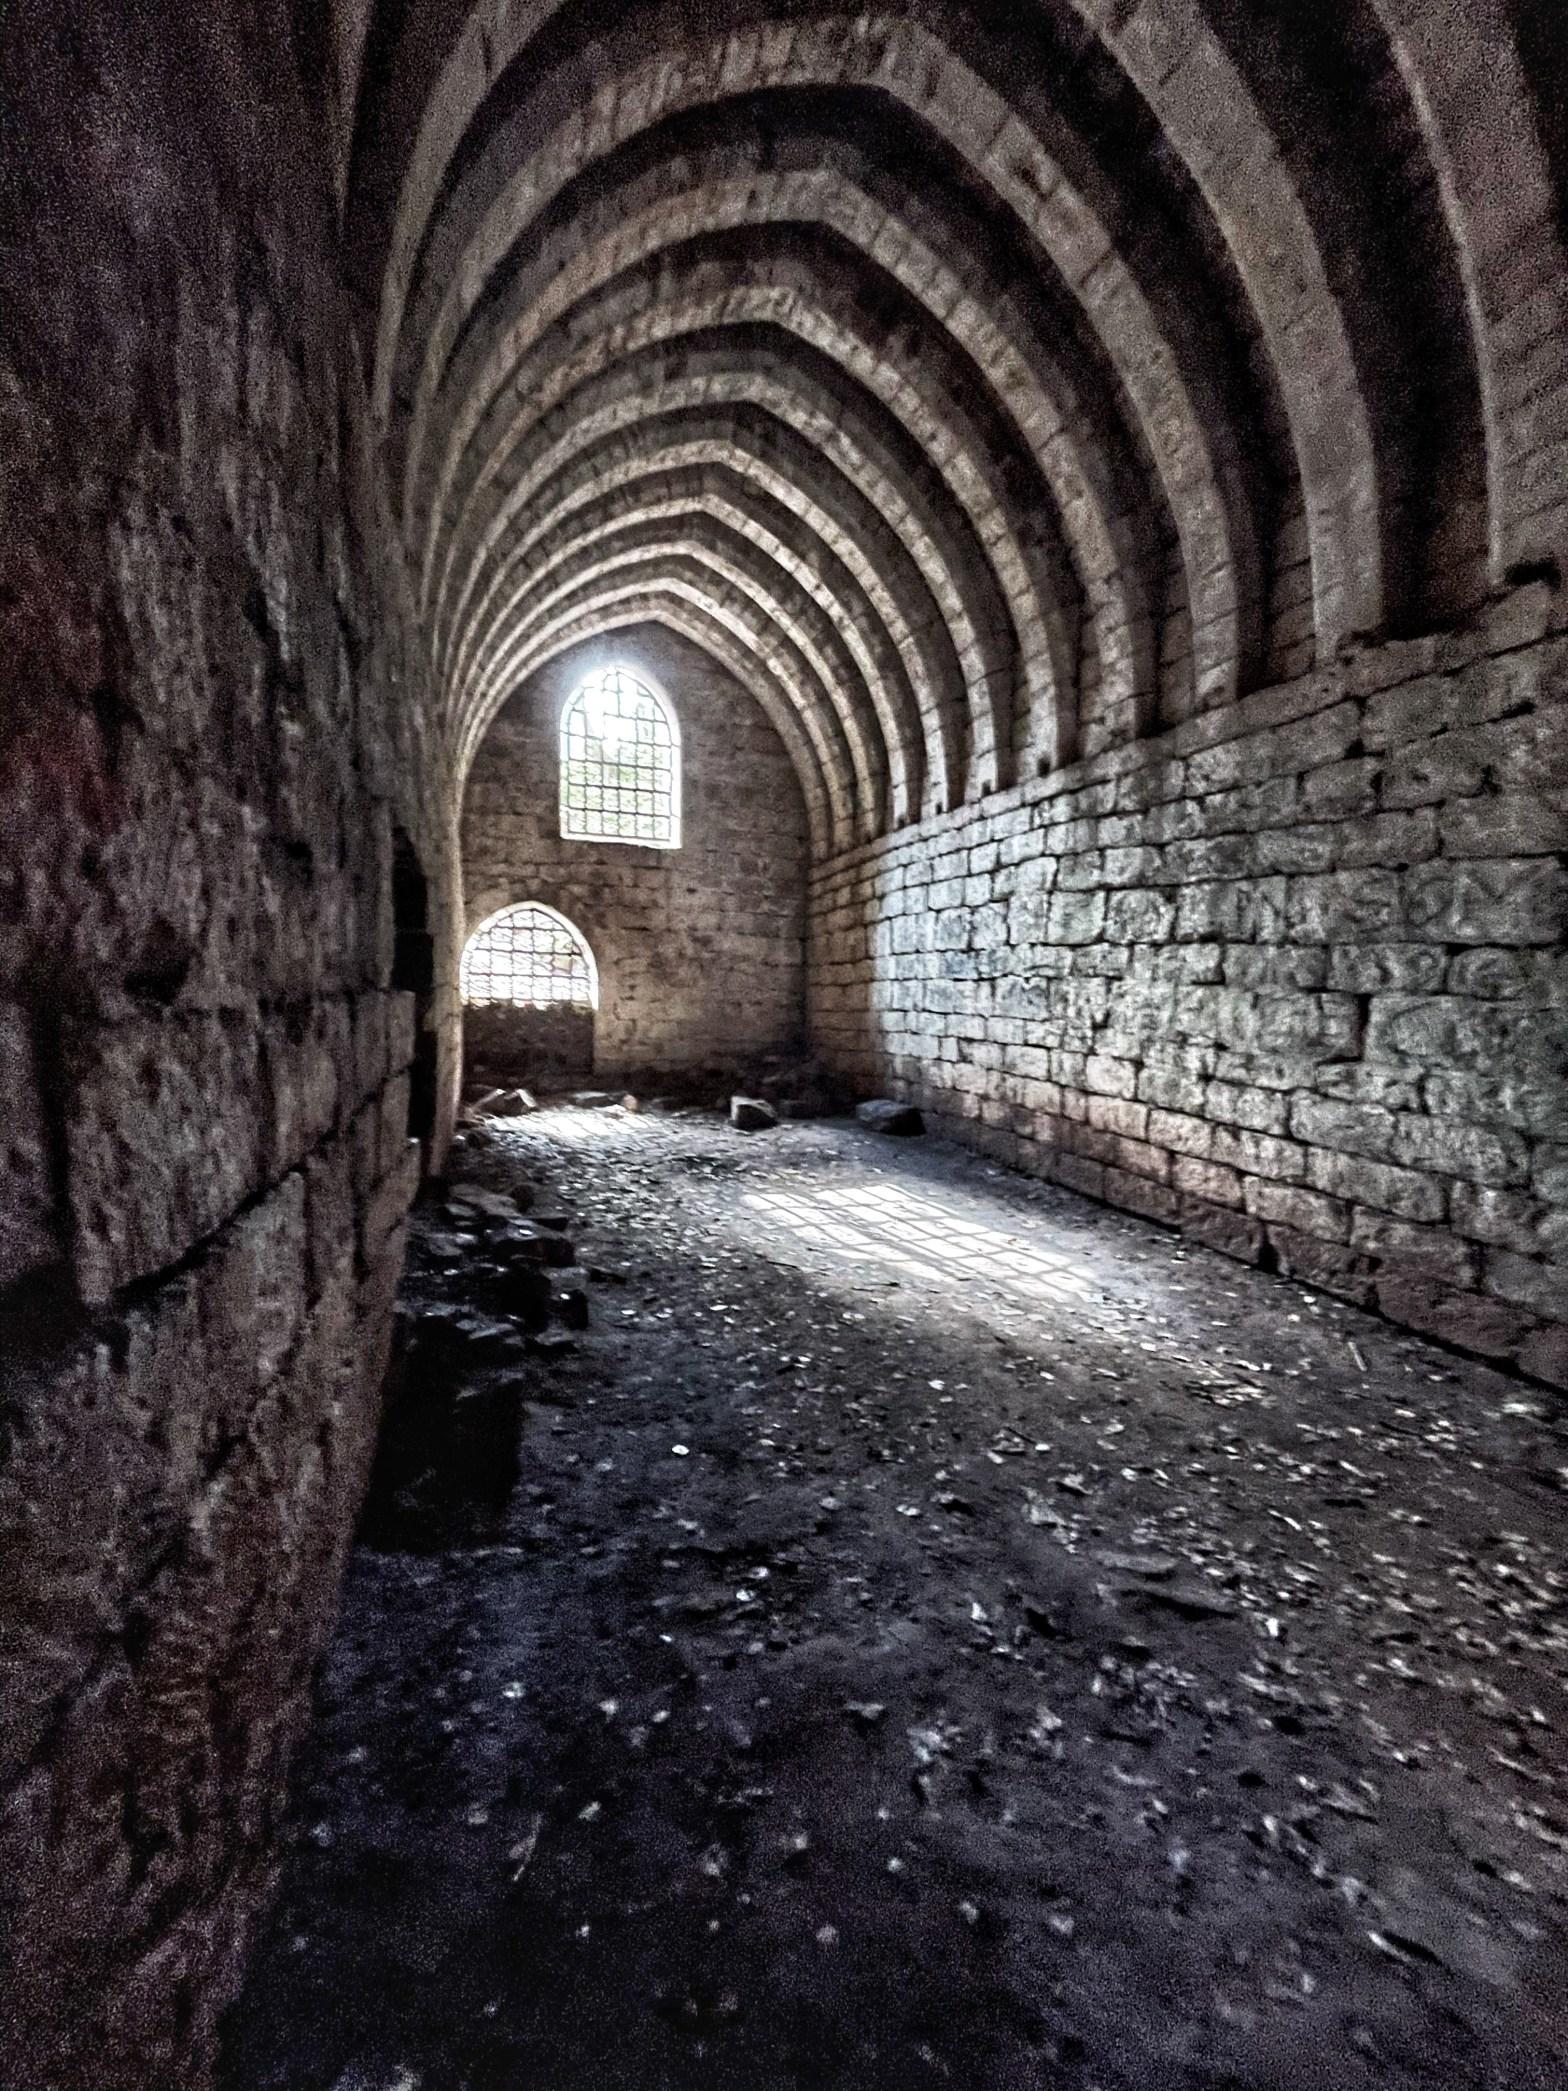 Goblin Ha Yester Castle